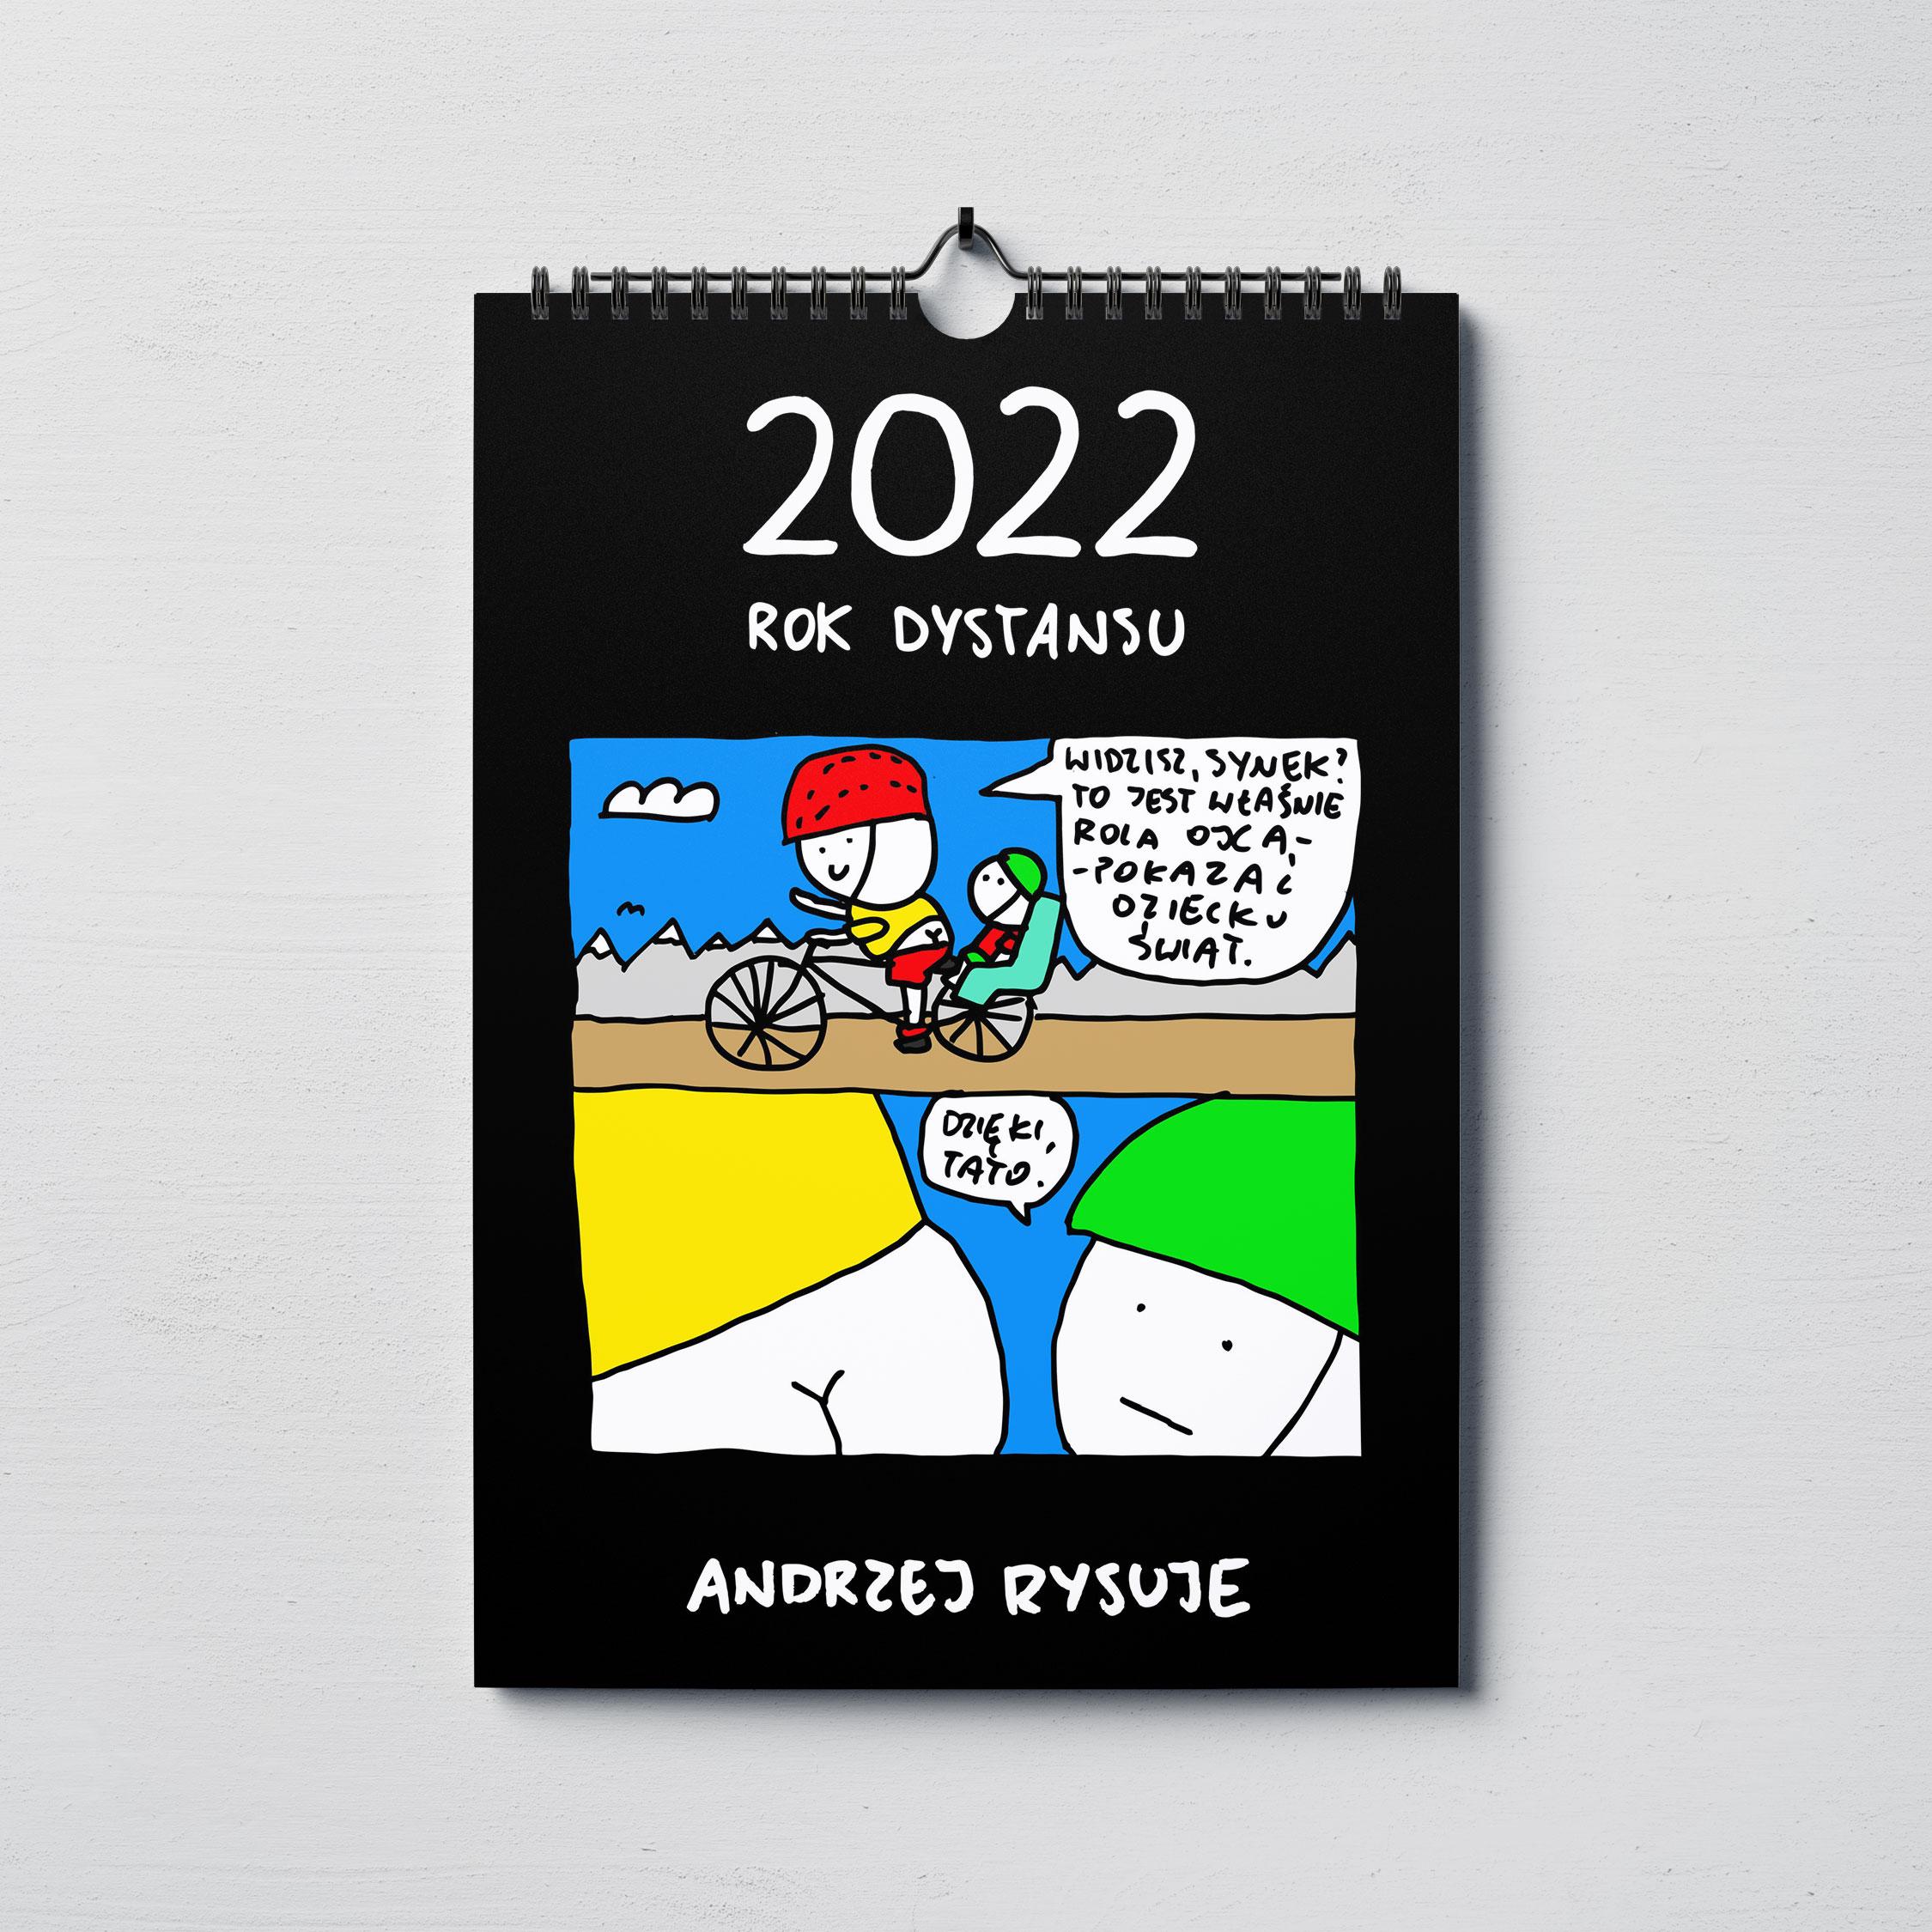 Kalendarz Andrzej Rysuje 2022